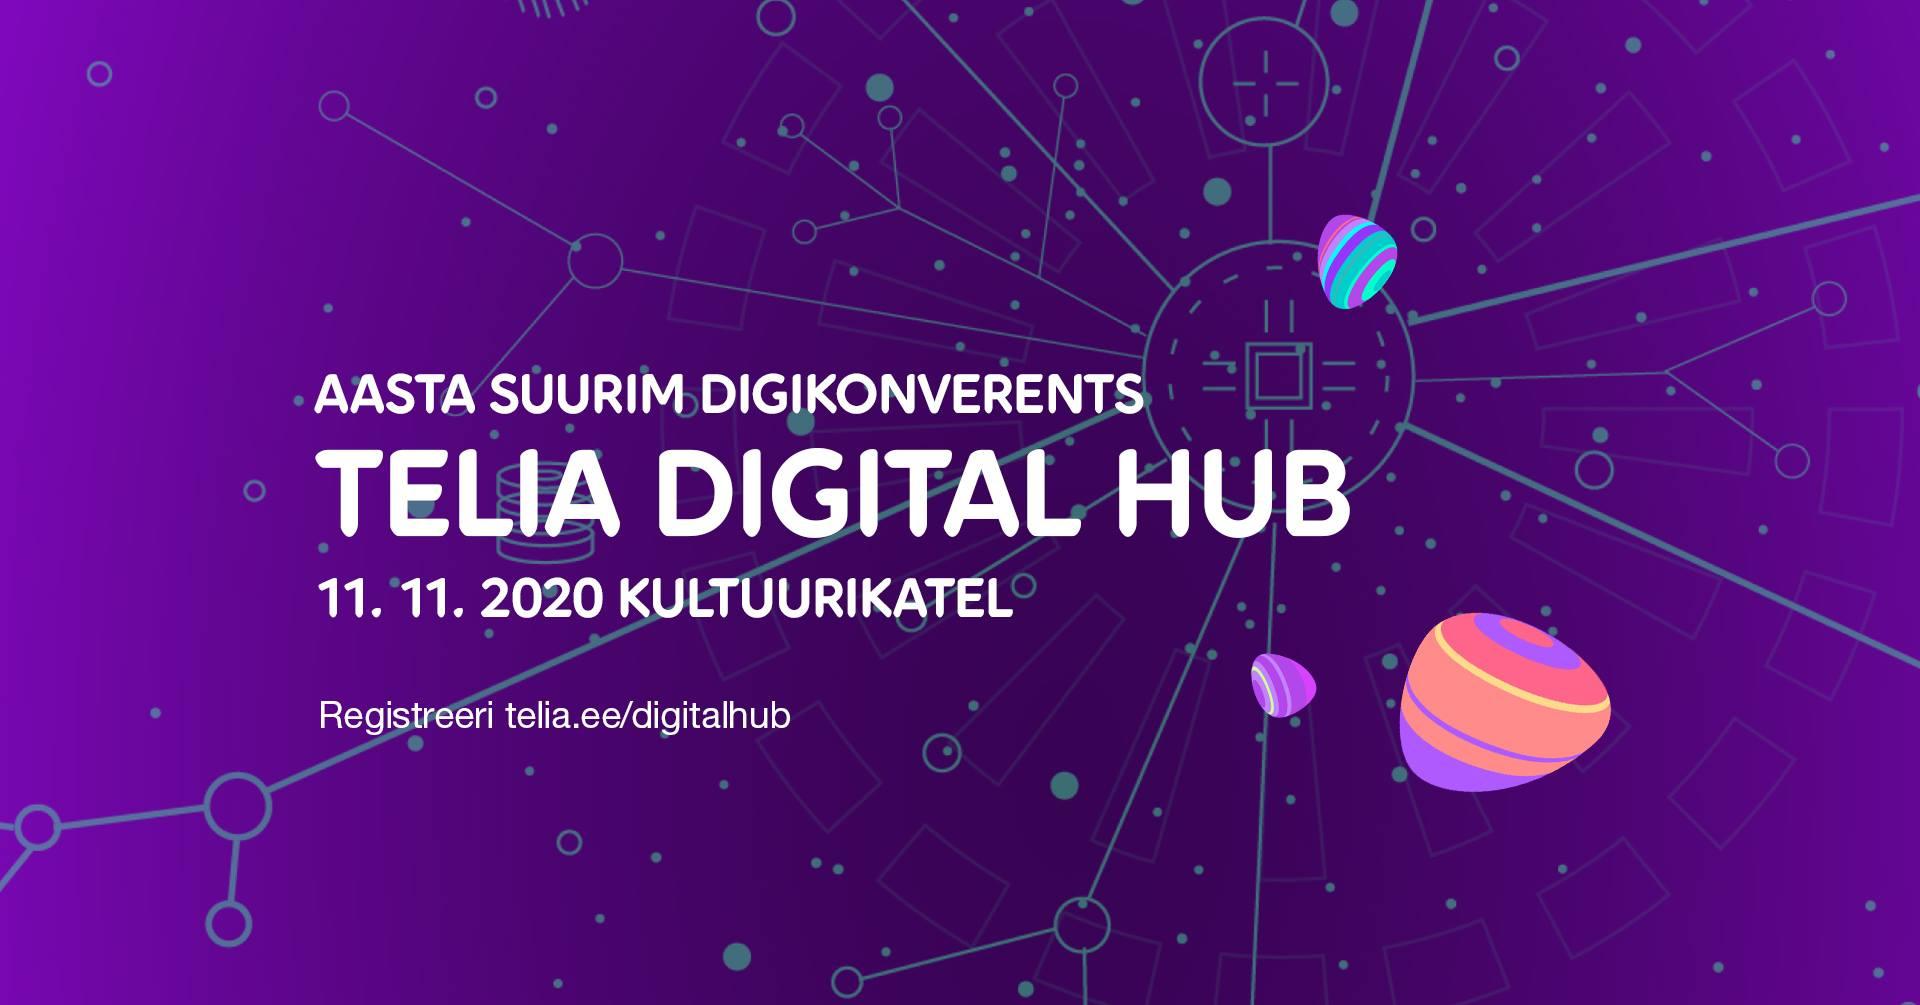 13097Telia Digital Hub